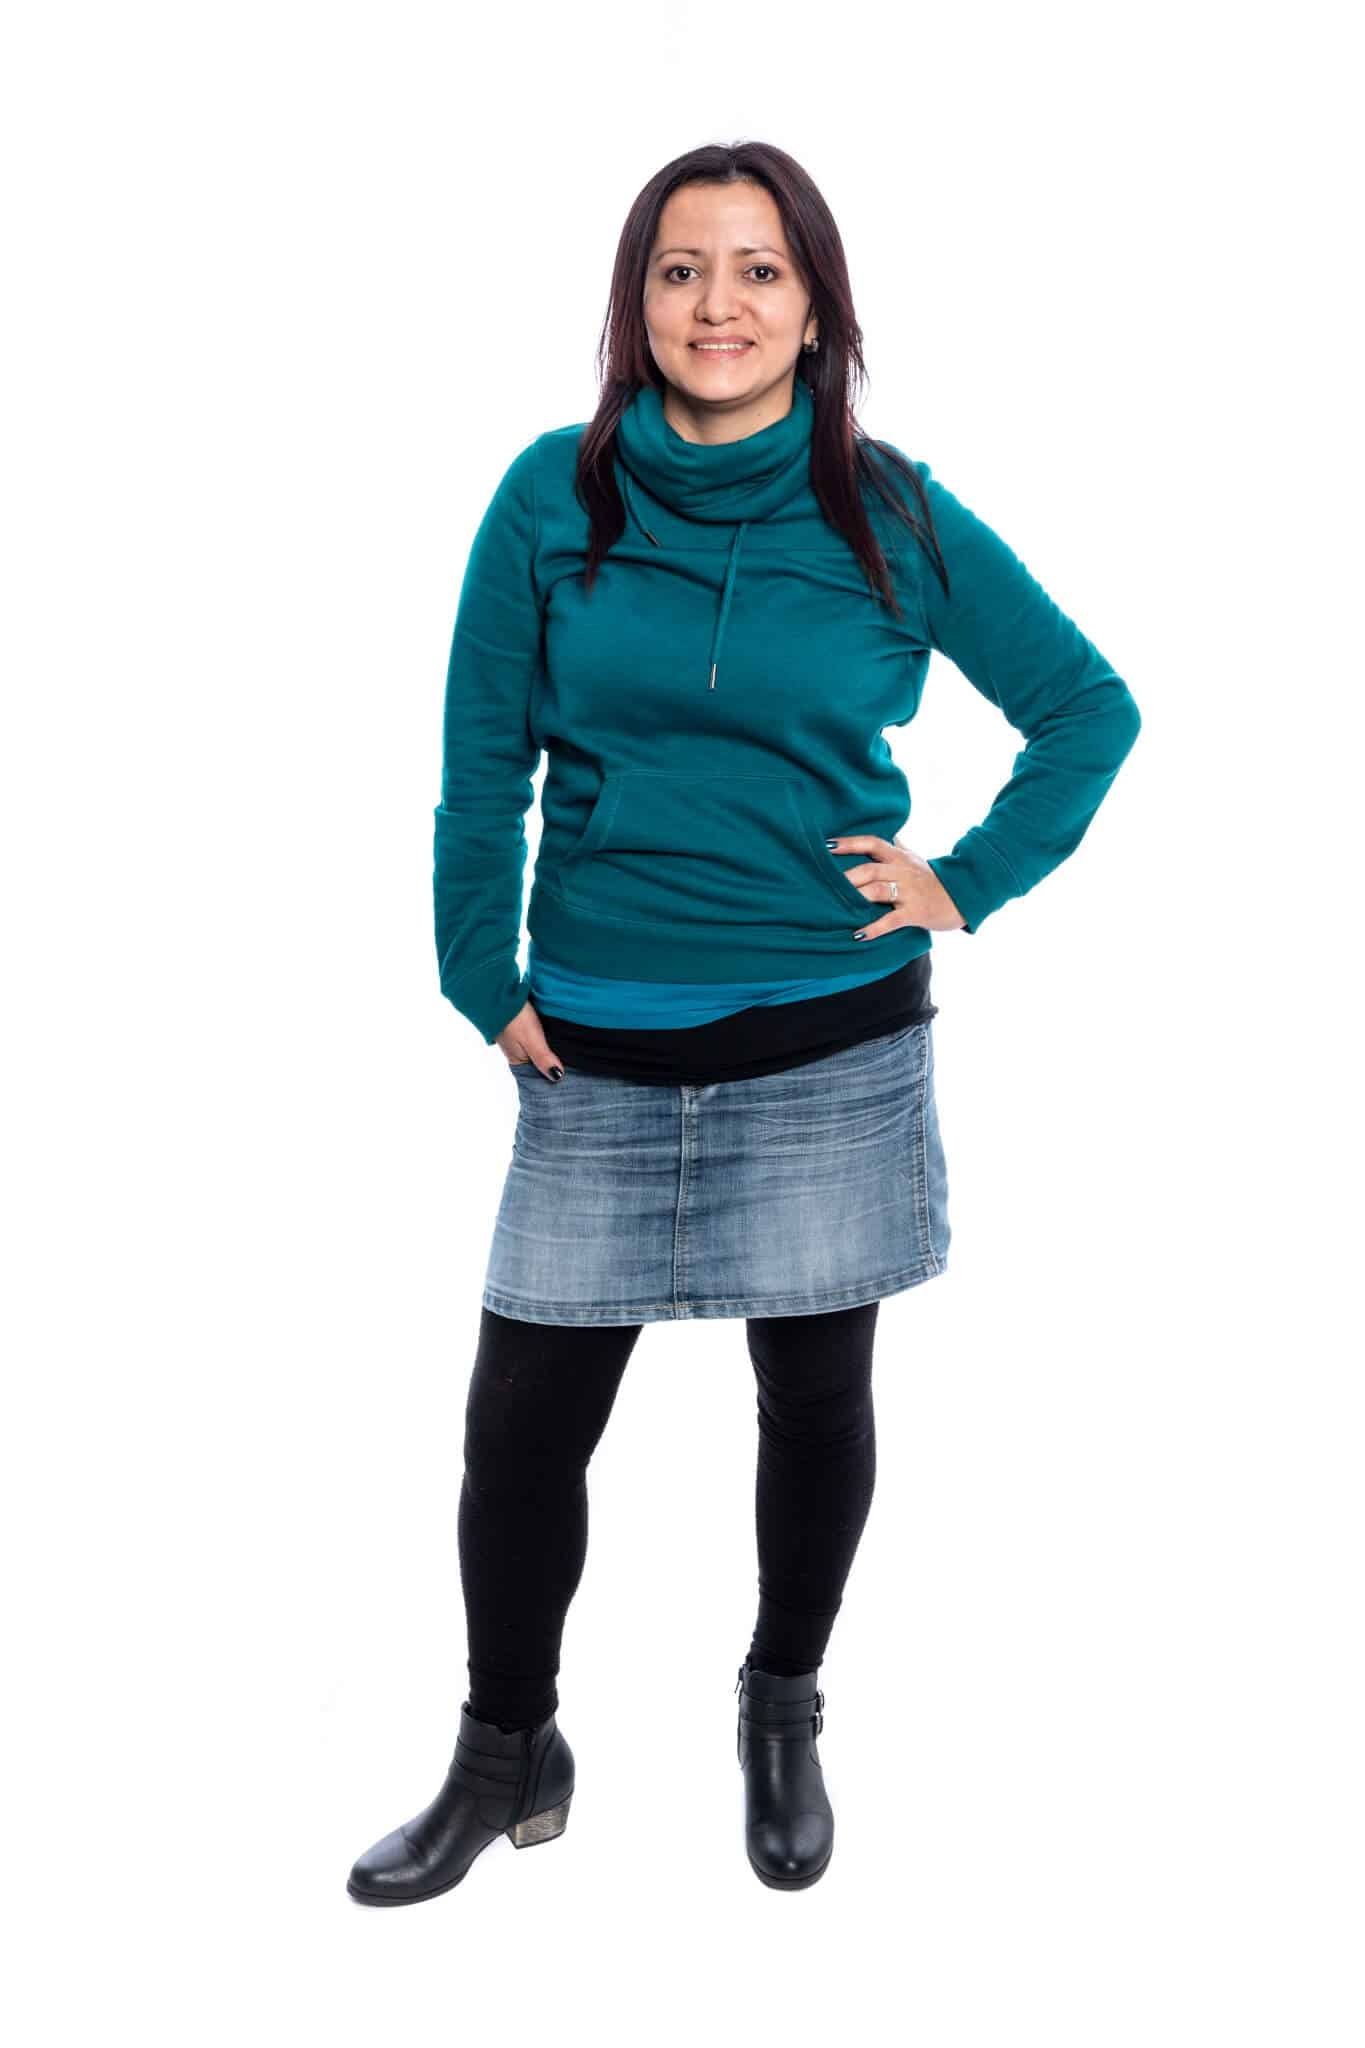 Claudia Rojas Garces